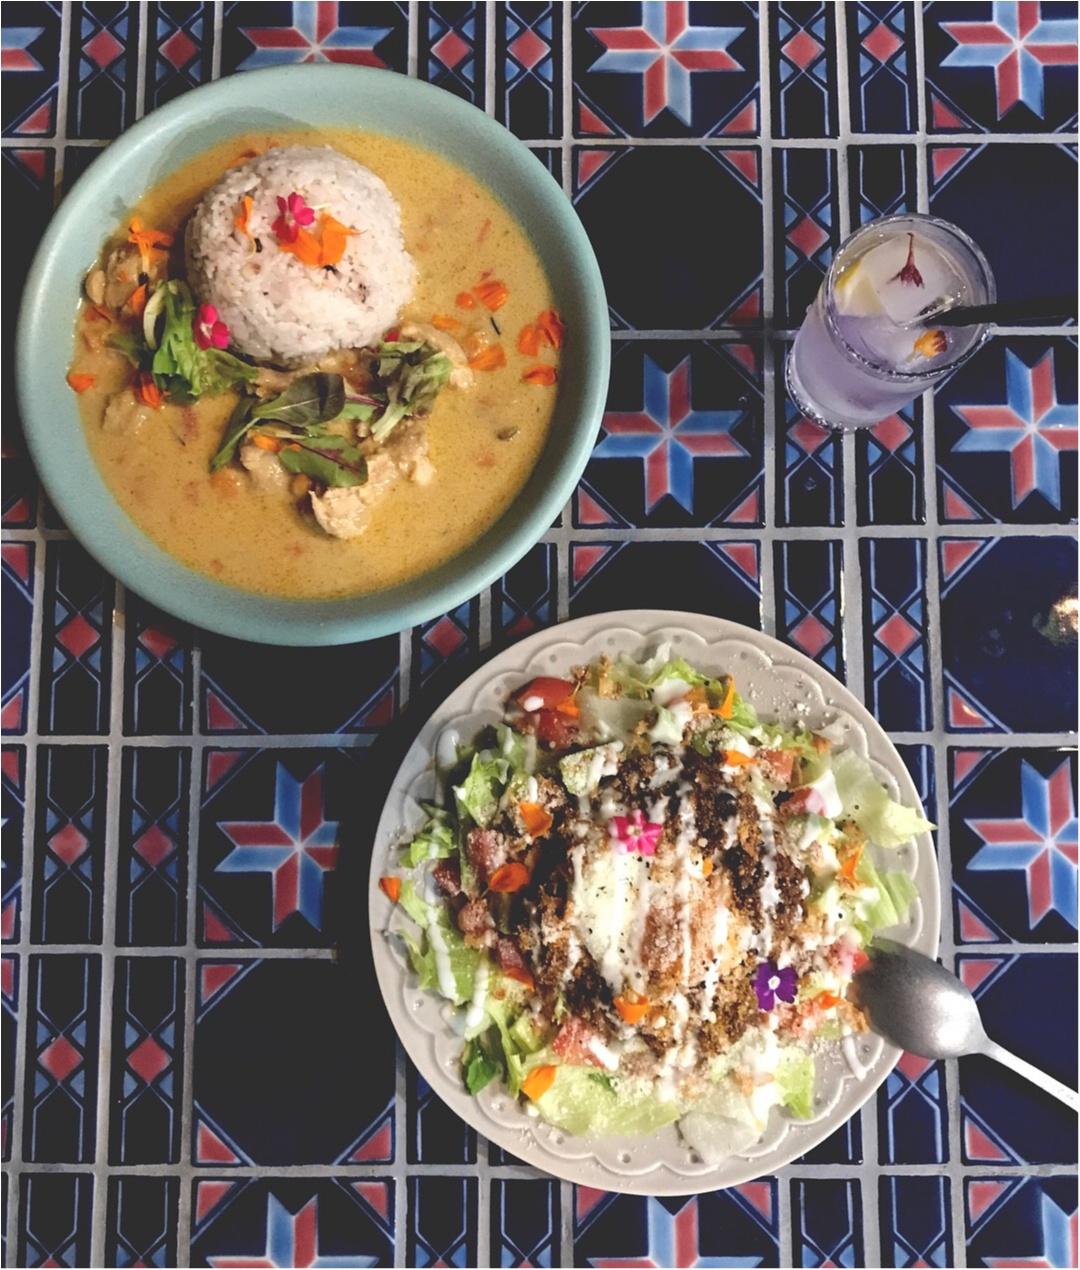 【FOOD】池袋にフォトジェニックなCafe&Barが登場♡ドライフラワーが素敵なHANABAR_3